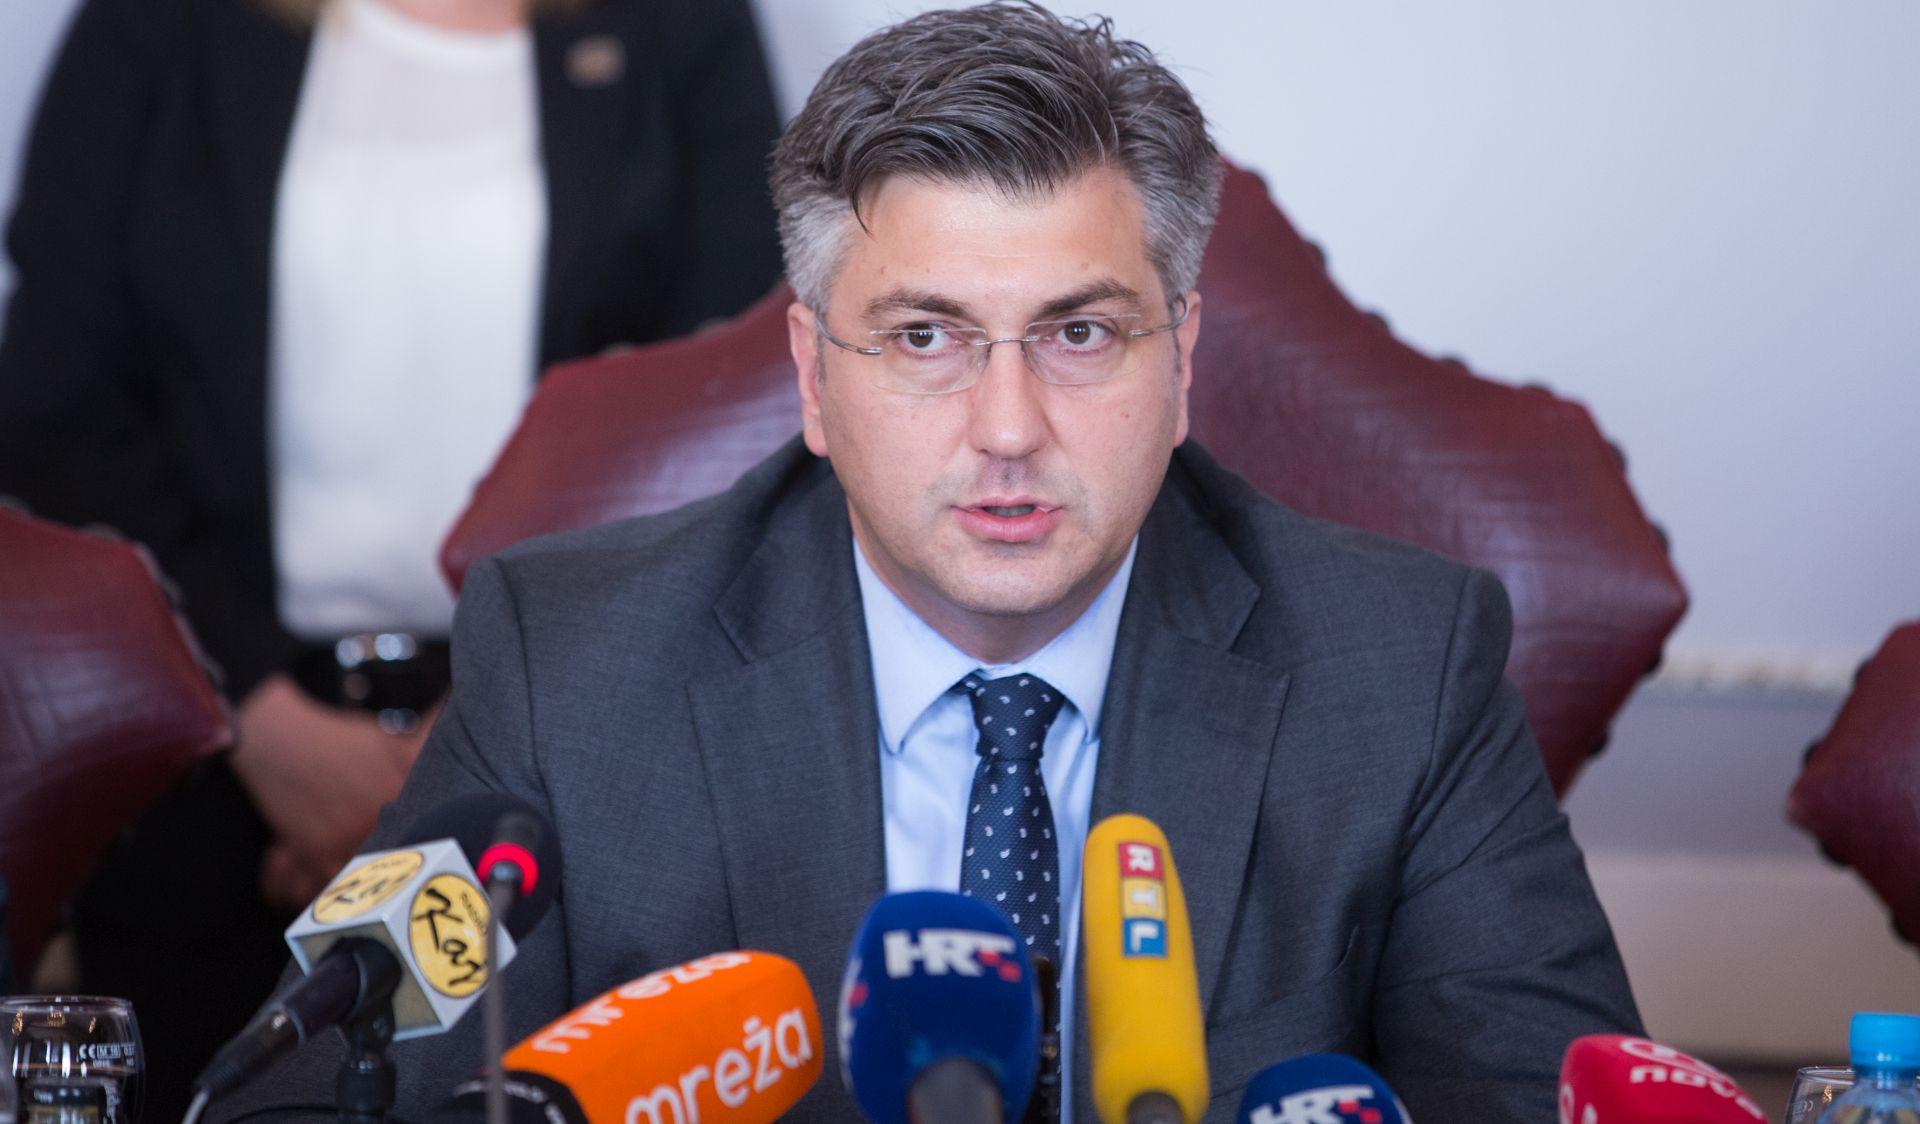 Otkriće Nacionala o planu za rušenje Plenkovića najčitanija vijest na portalu N1